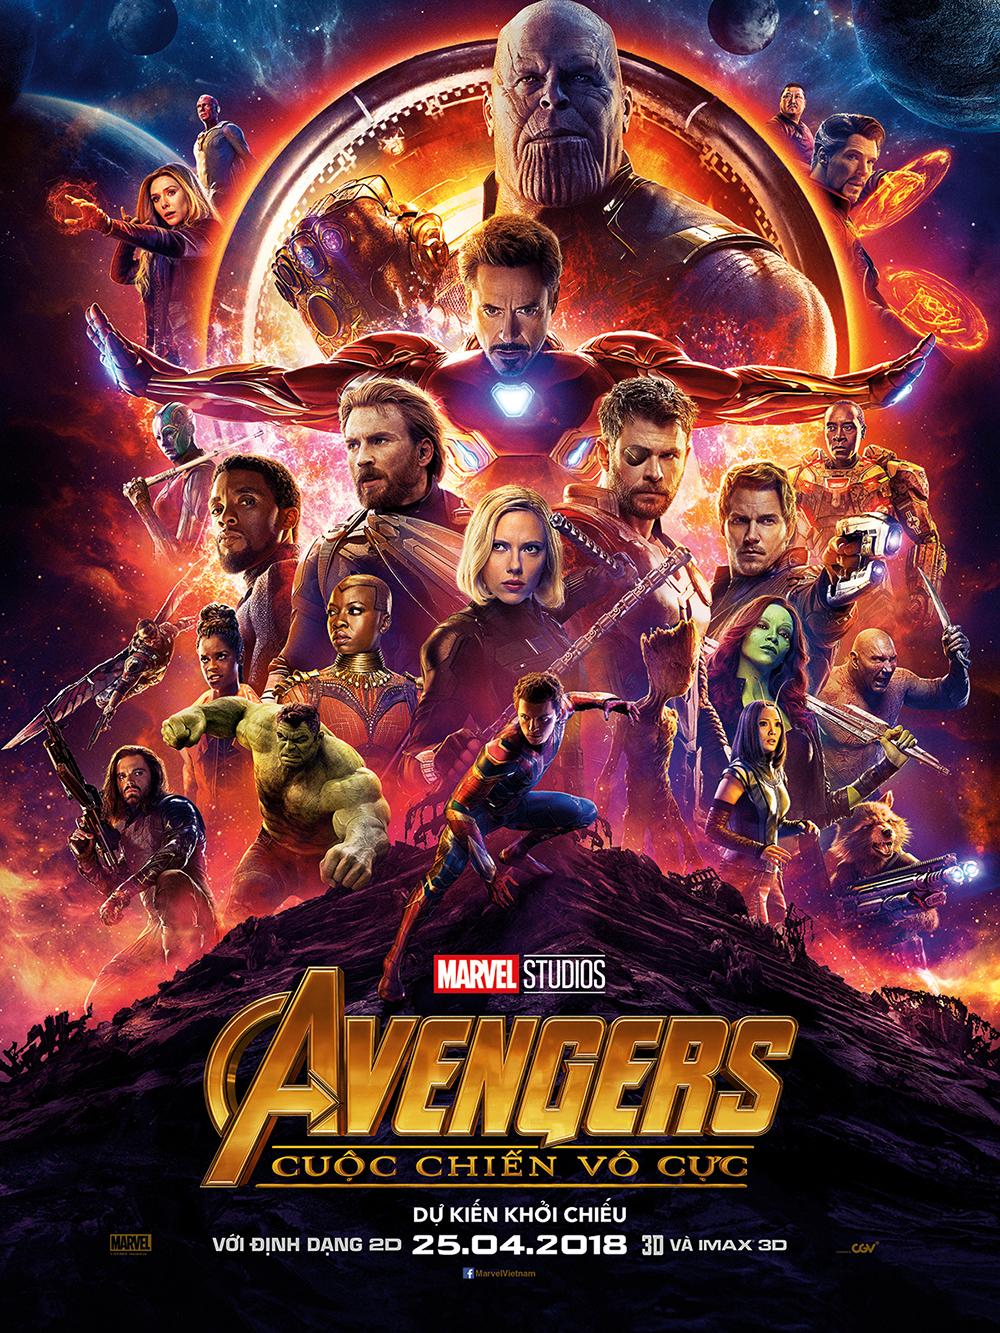 Avengers: Infinity War (Cuộc Chiến Vô Cực)